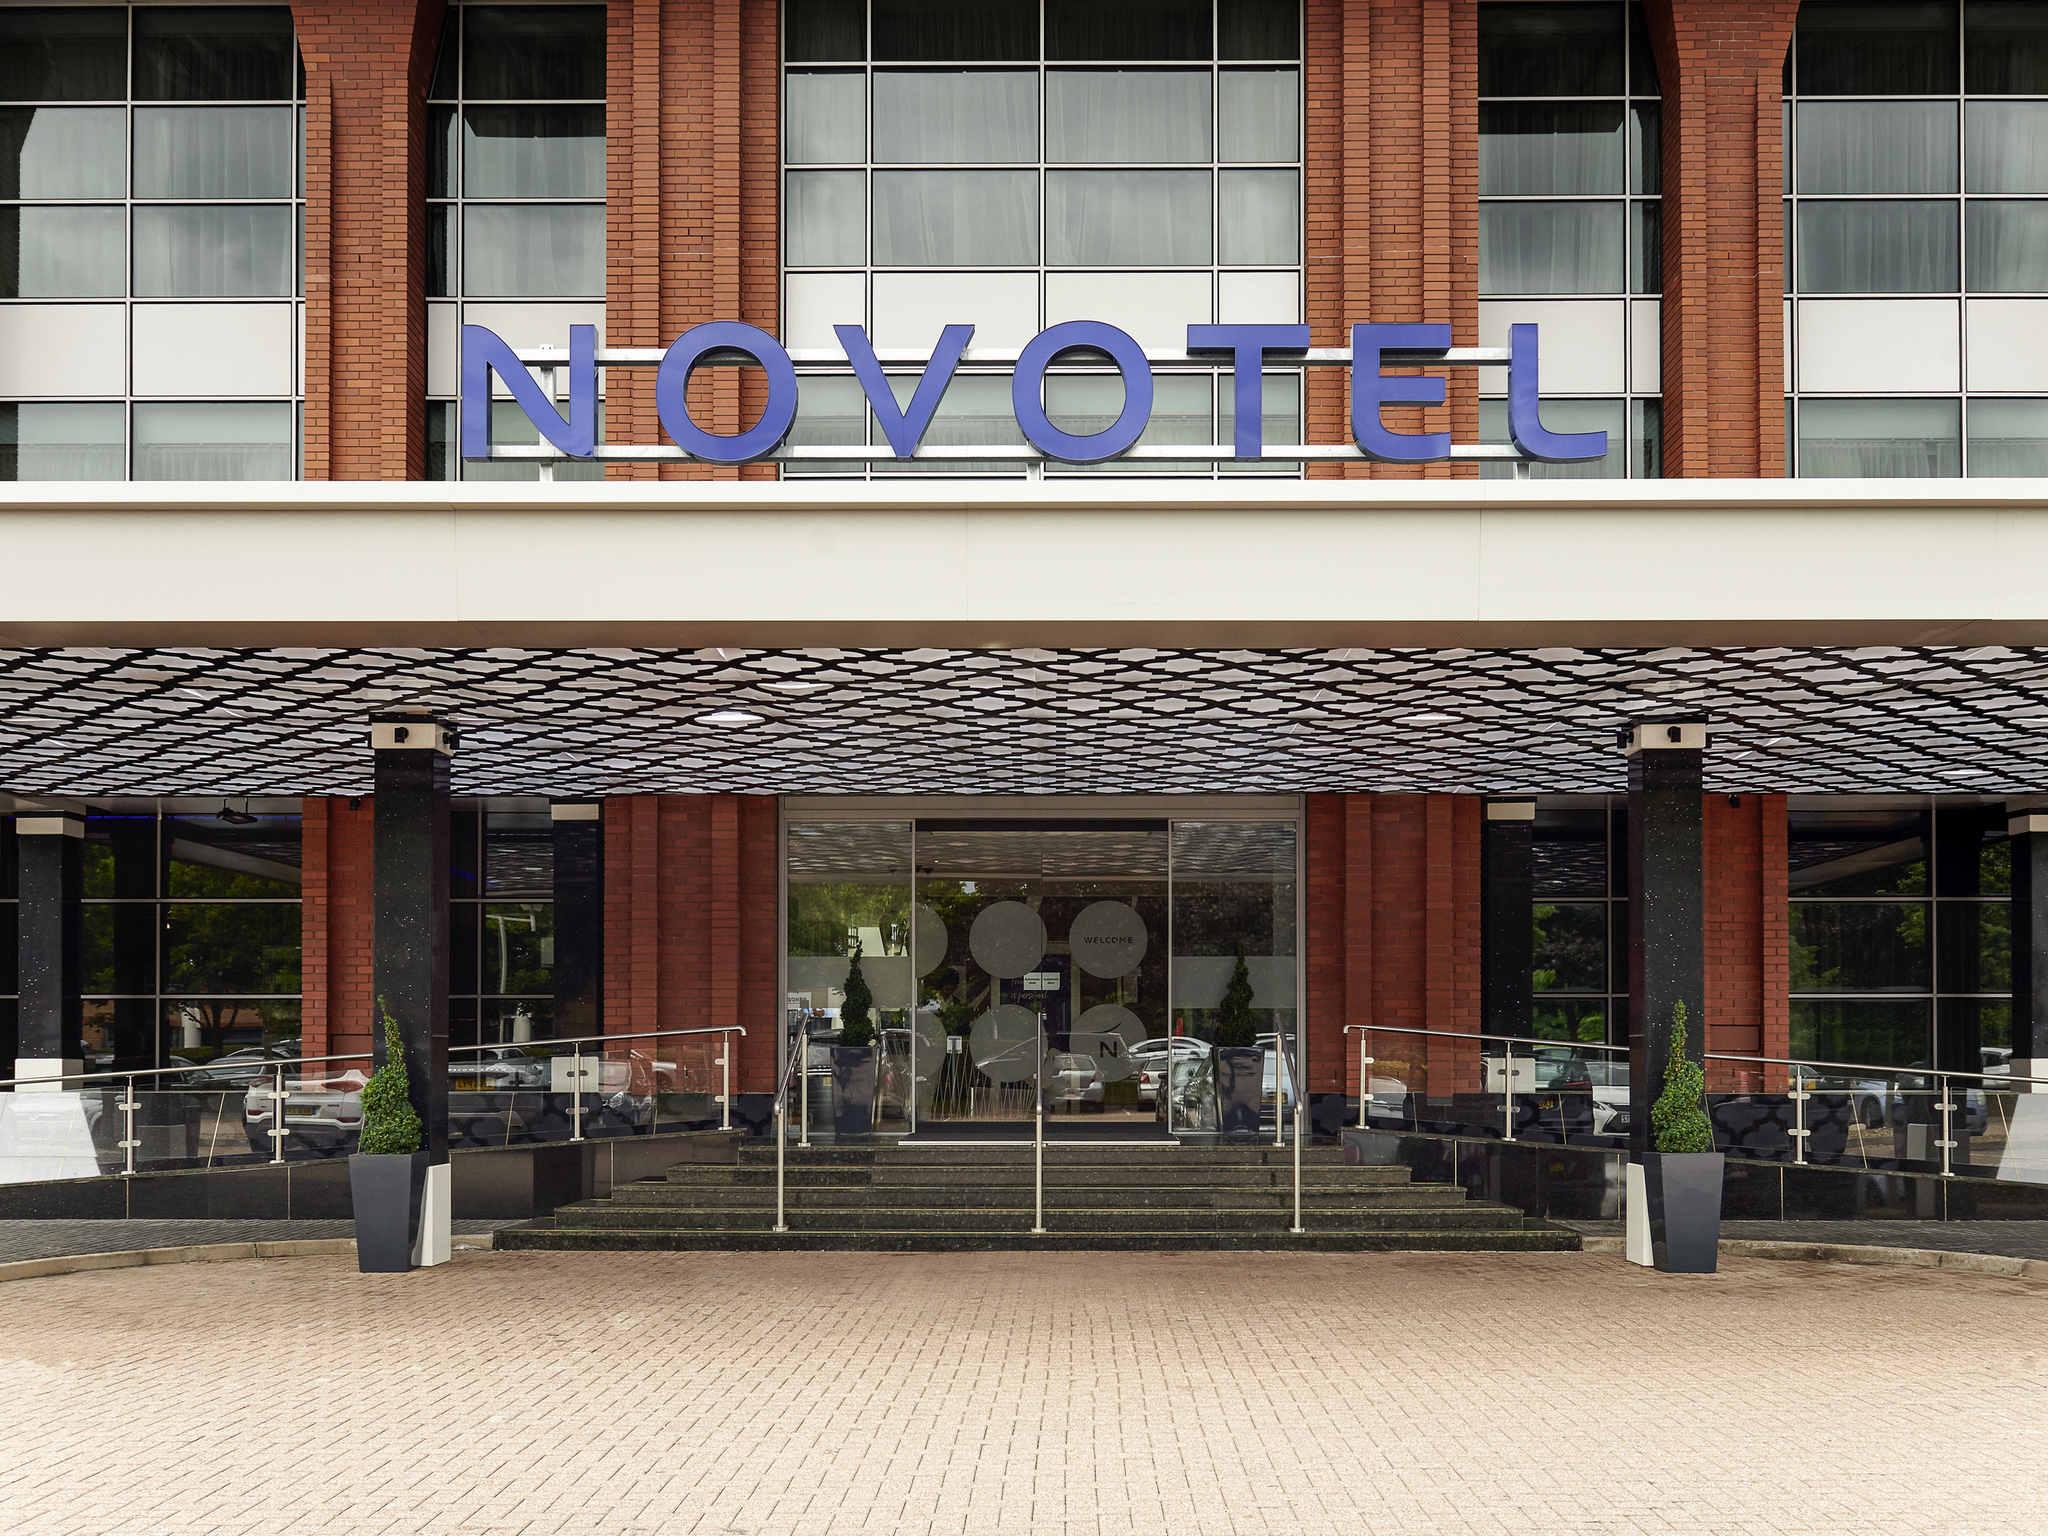 โรงแรม – โนโวเทล ลอนดอน ฮีทโธรว์ แอร์พอร์ต T1 T2 & T3